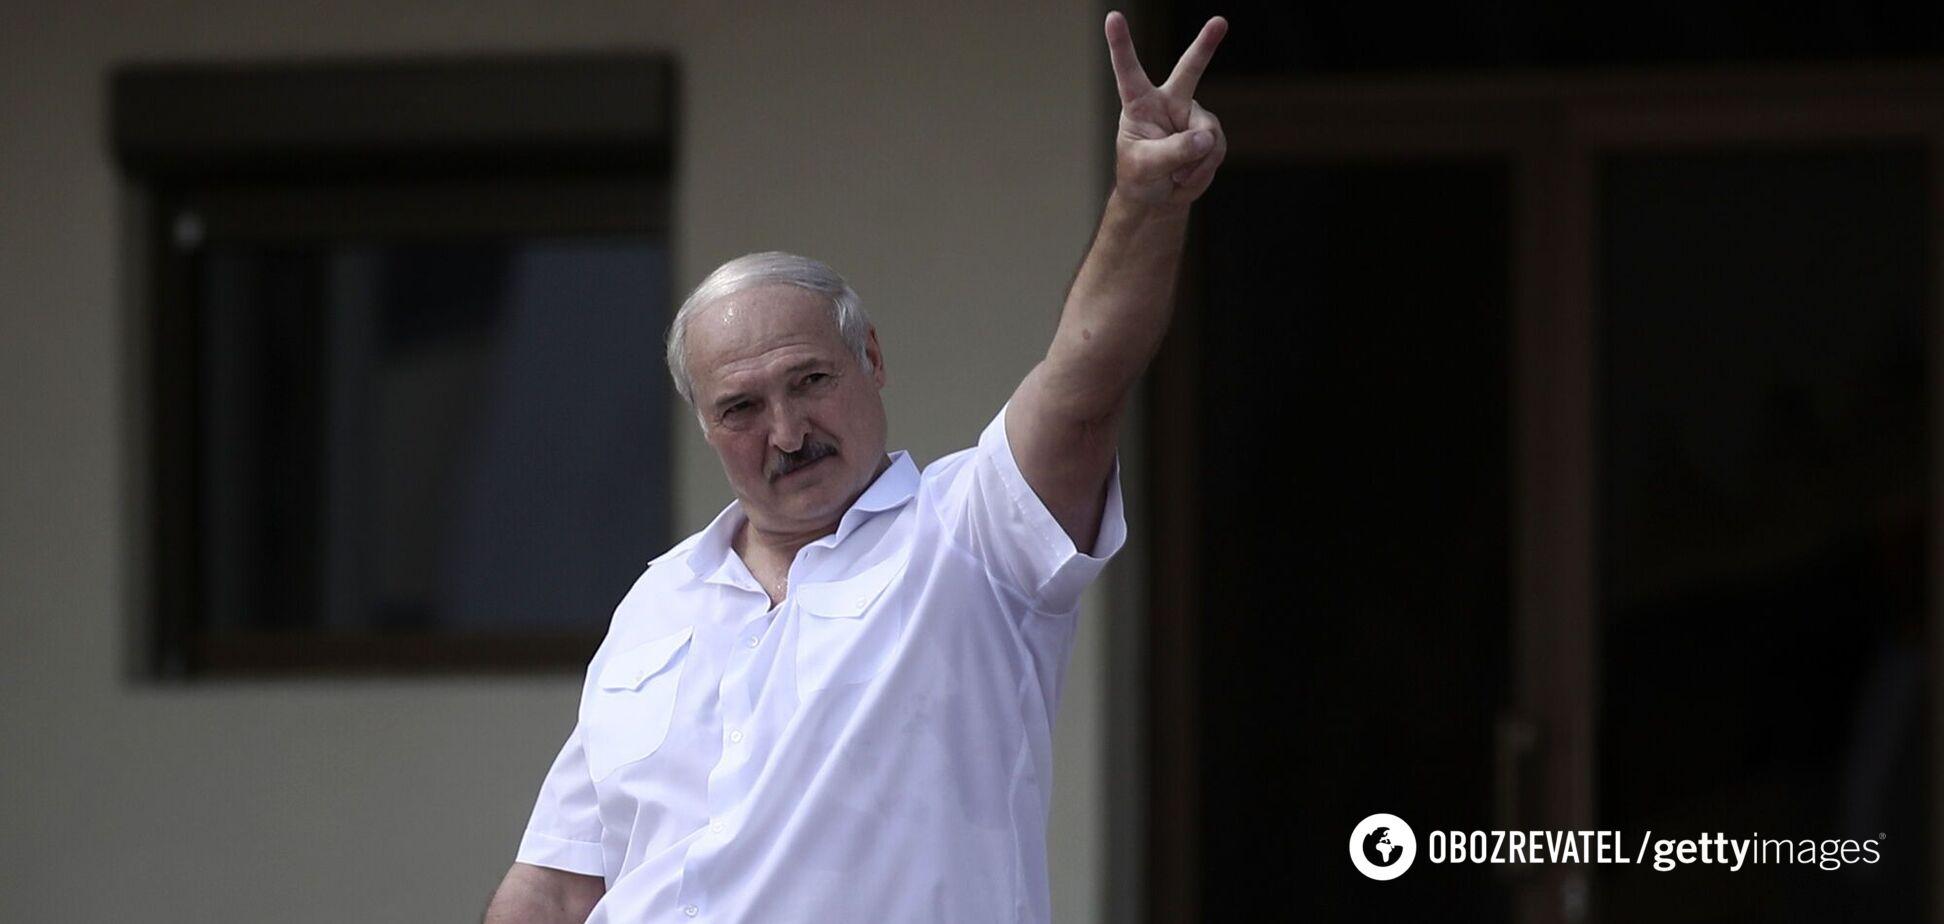 Олександр Лукашенко обіймає пост президента Білорусі з 1994 року